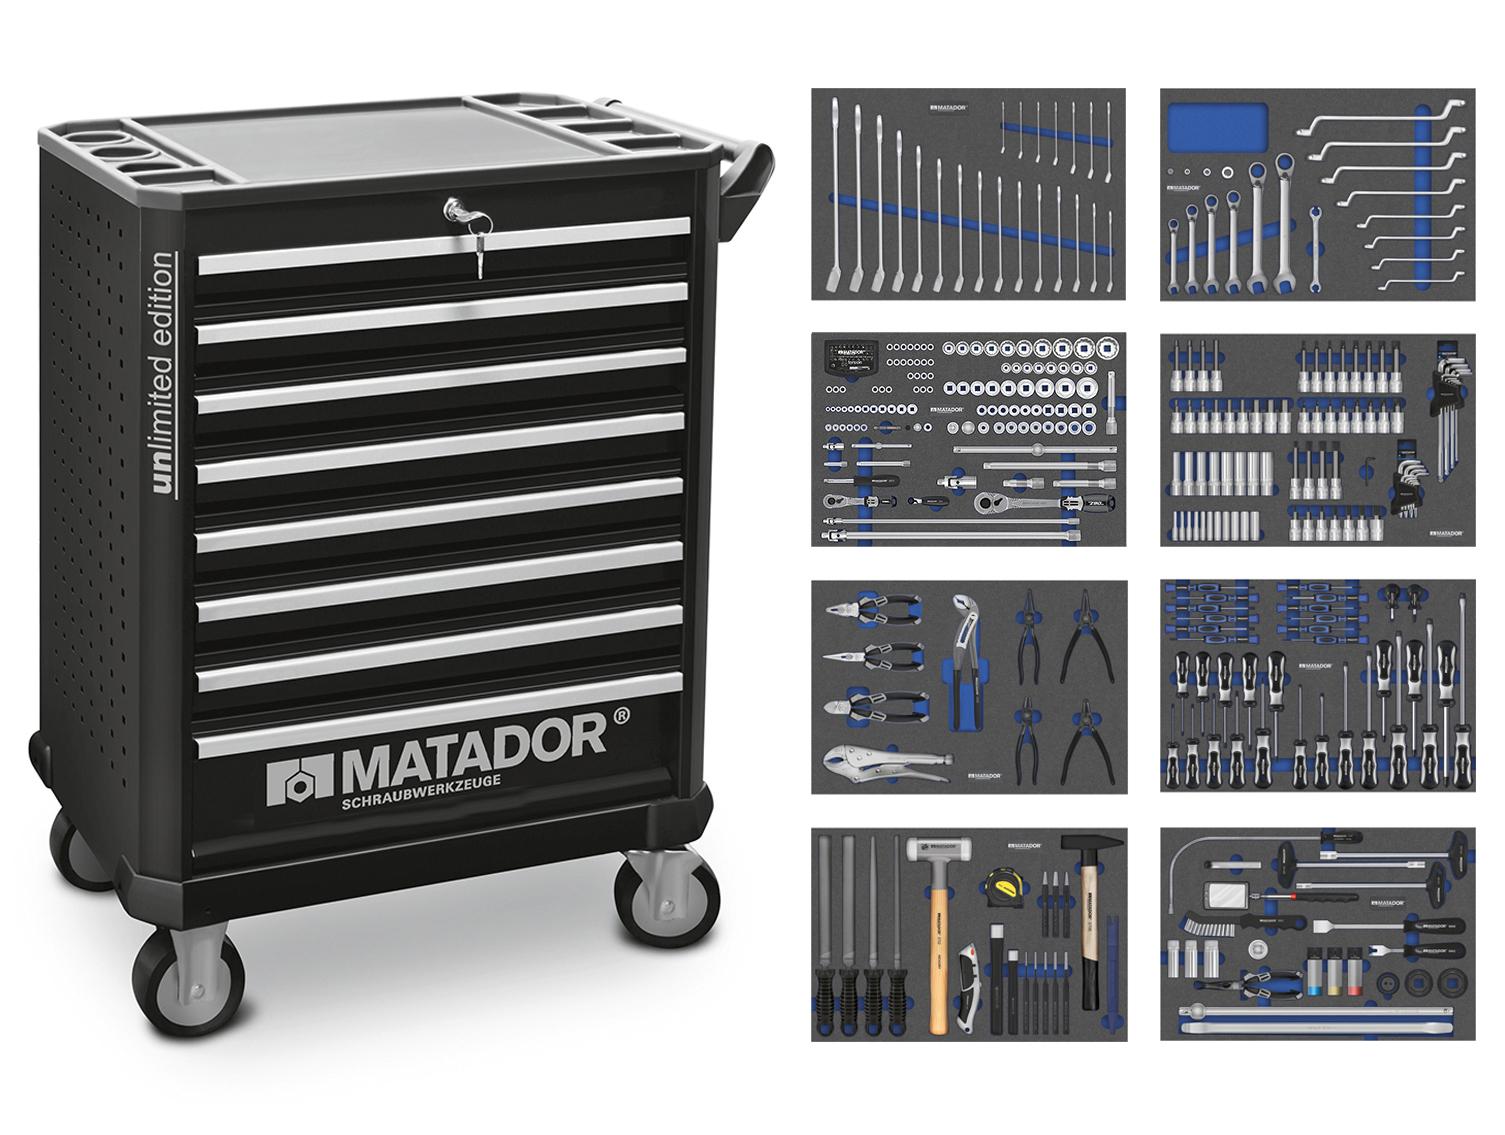 RATIO MTS unlimited edition 350-tlg. MATADOR 81639350